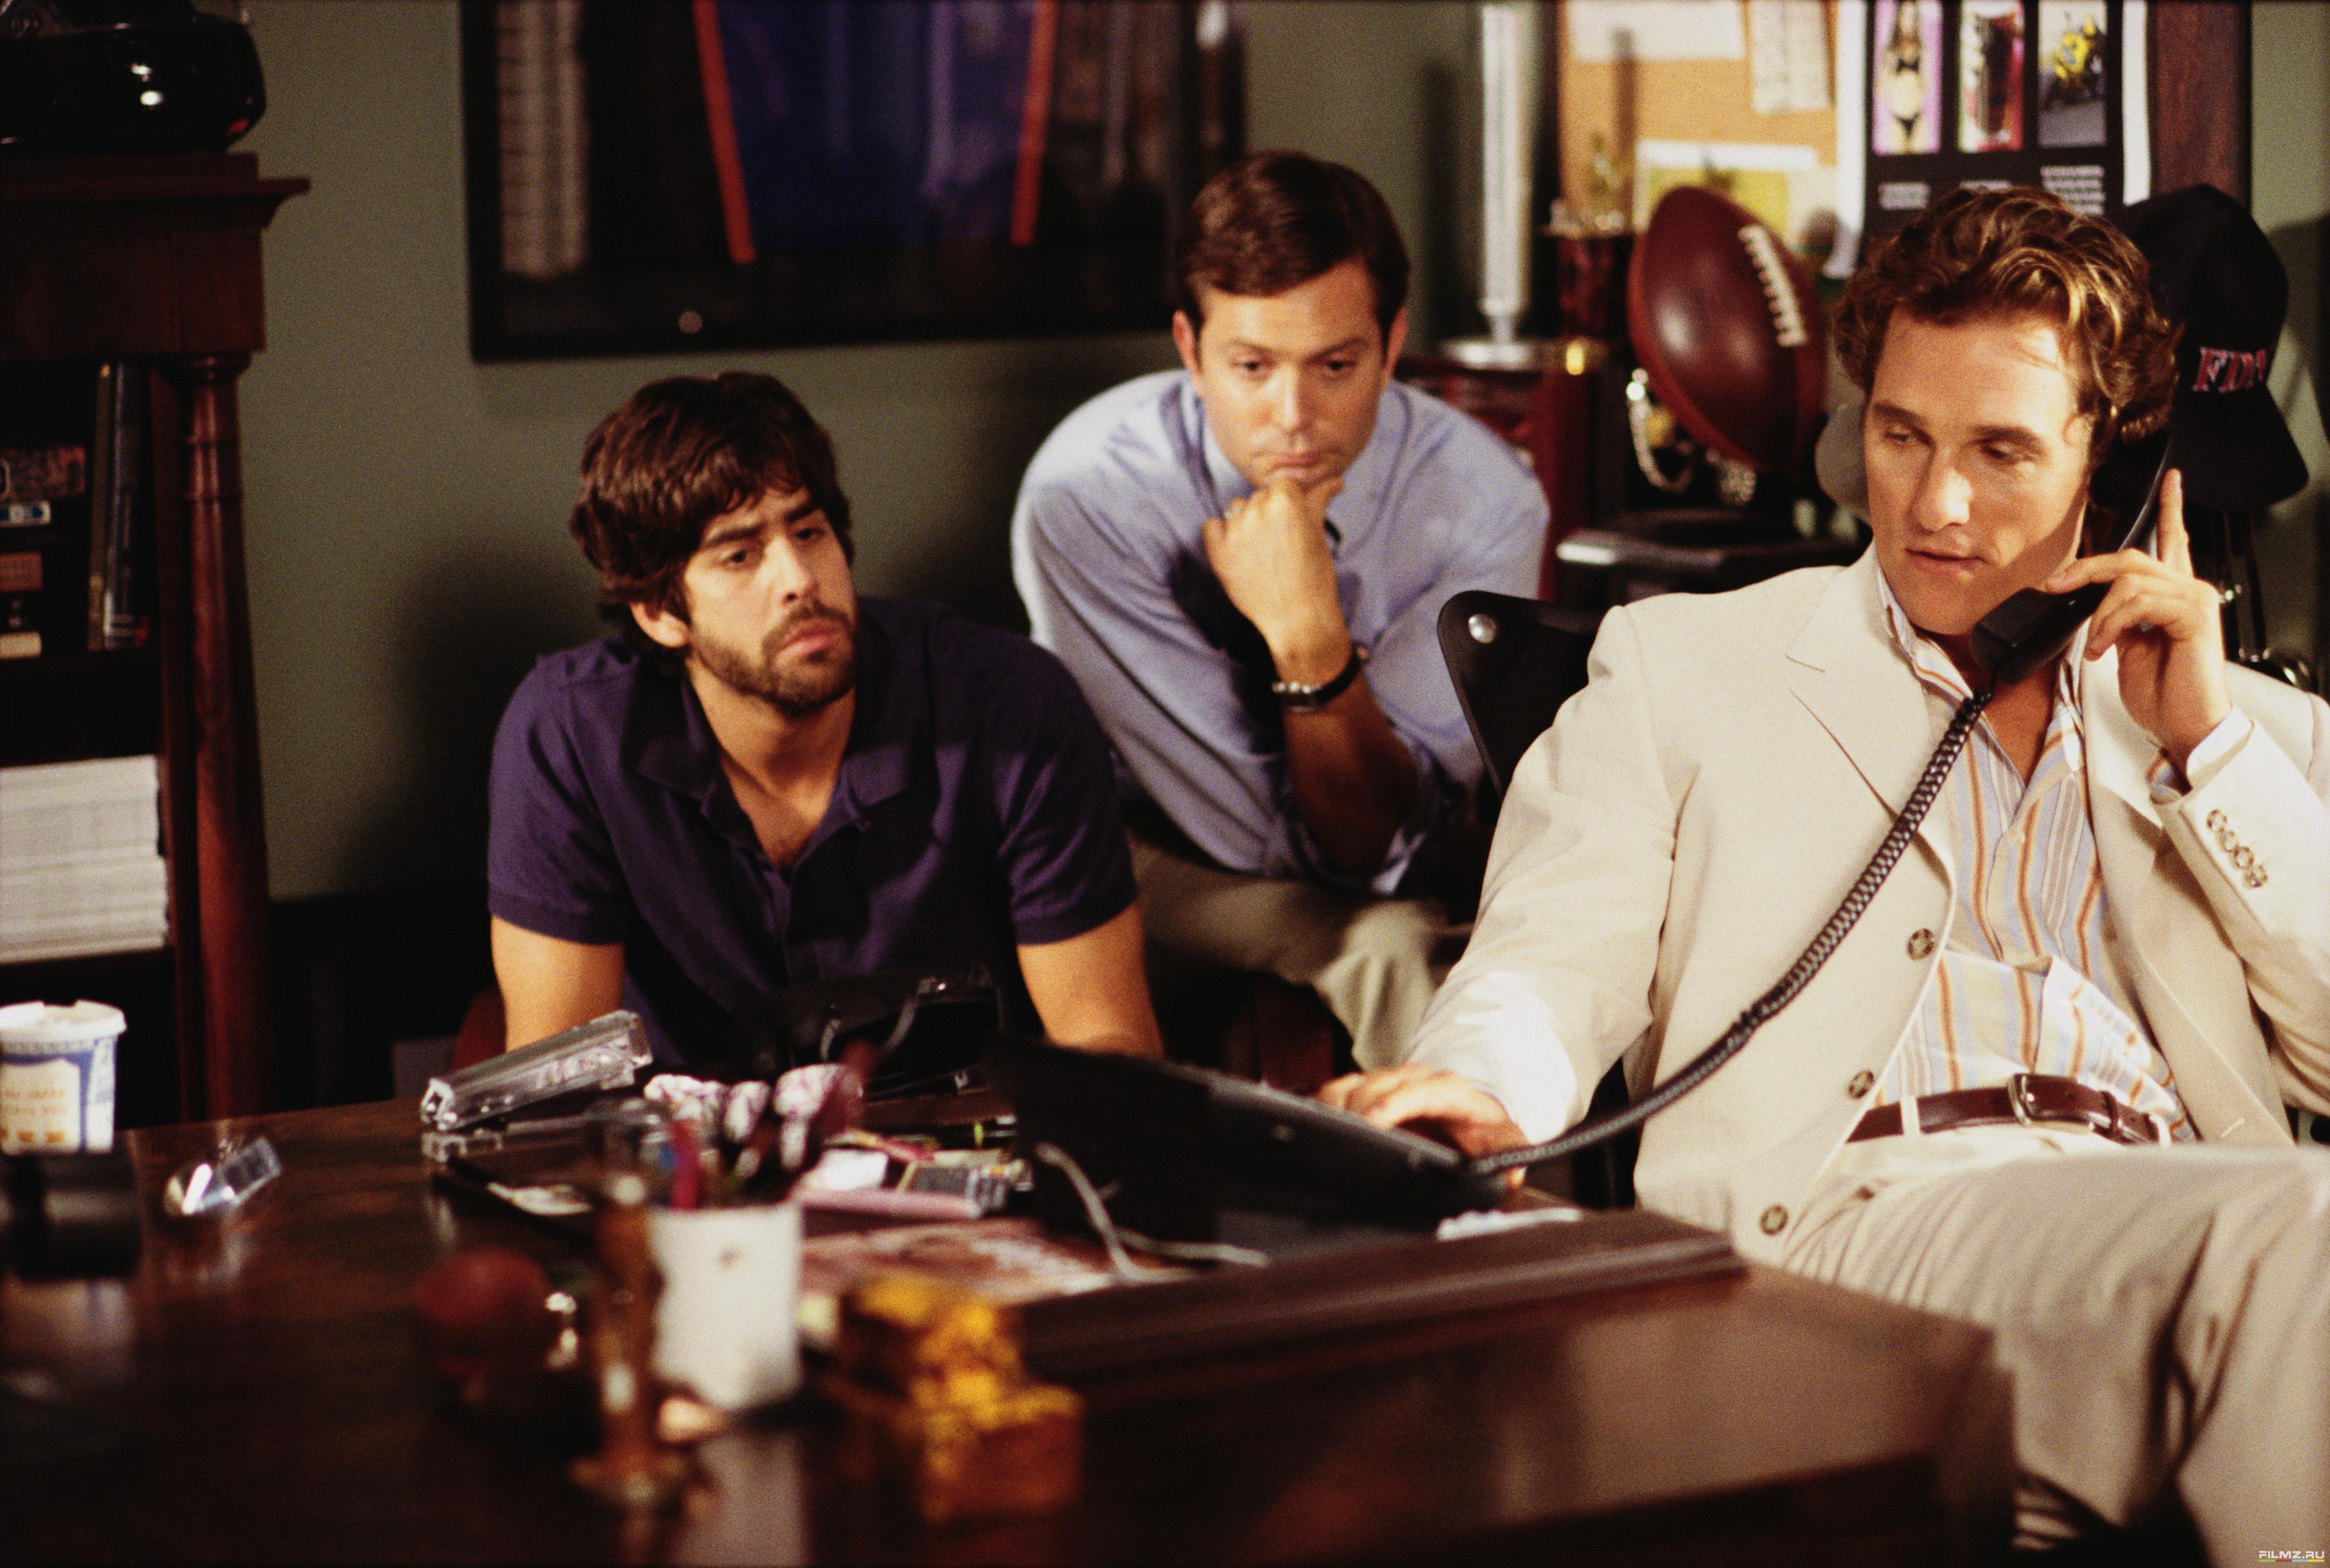 кадры из фильма Как отделаться от парня за 10 дней Томас Леннон, Адам Голдберг, Мэтью Макконахи,